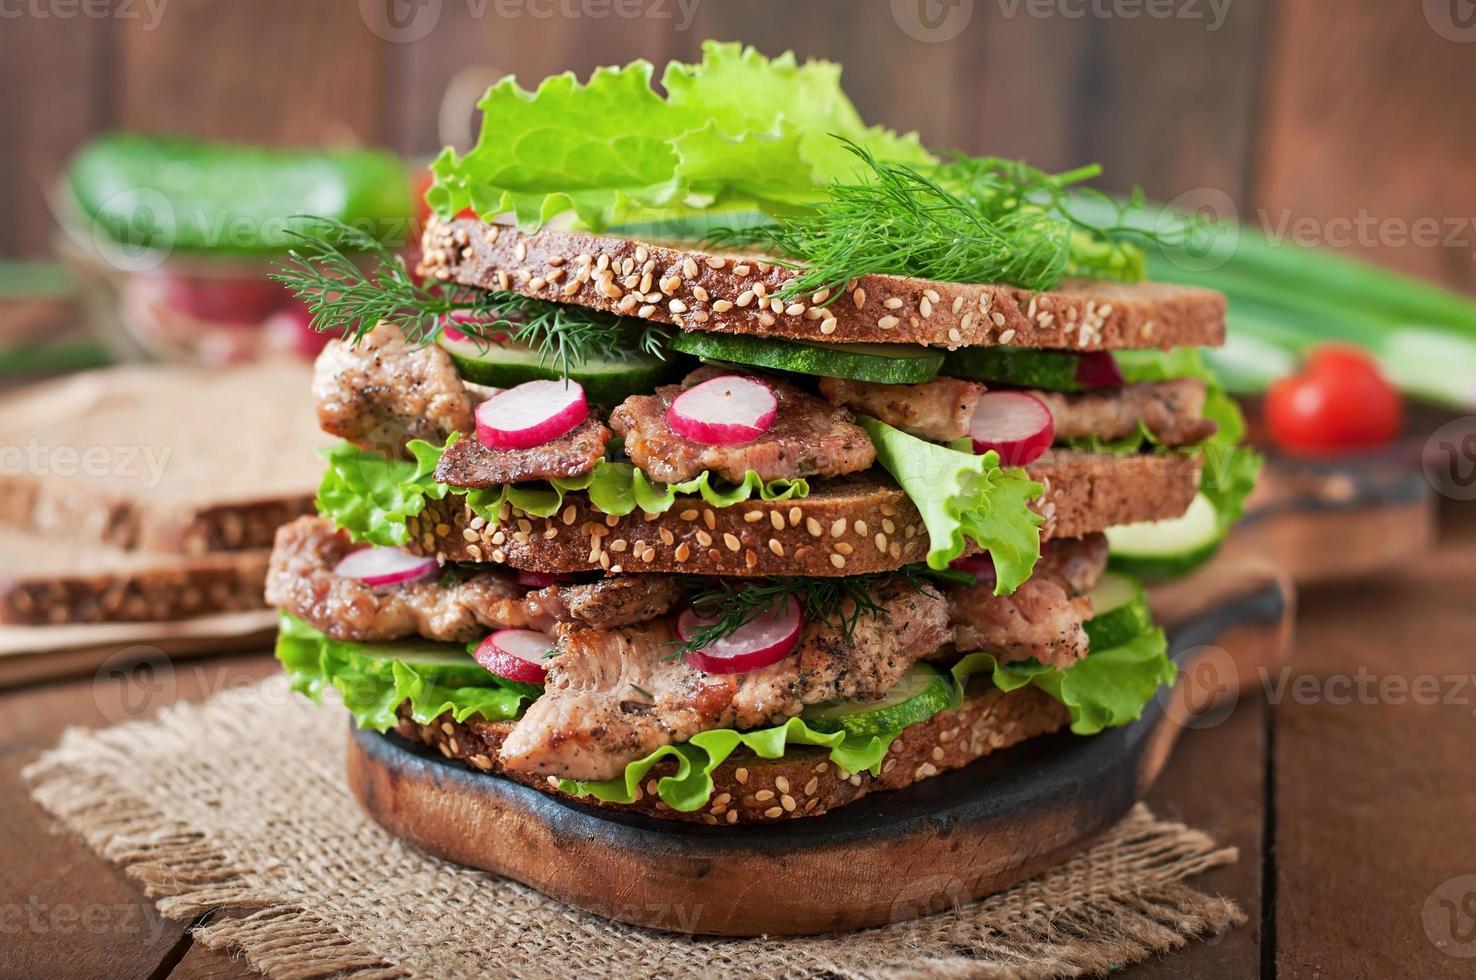 panino con carne, verdure e fette di pane di segale foto